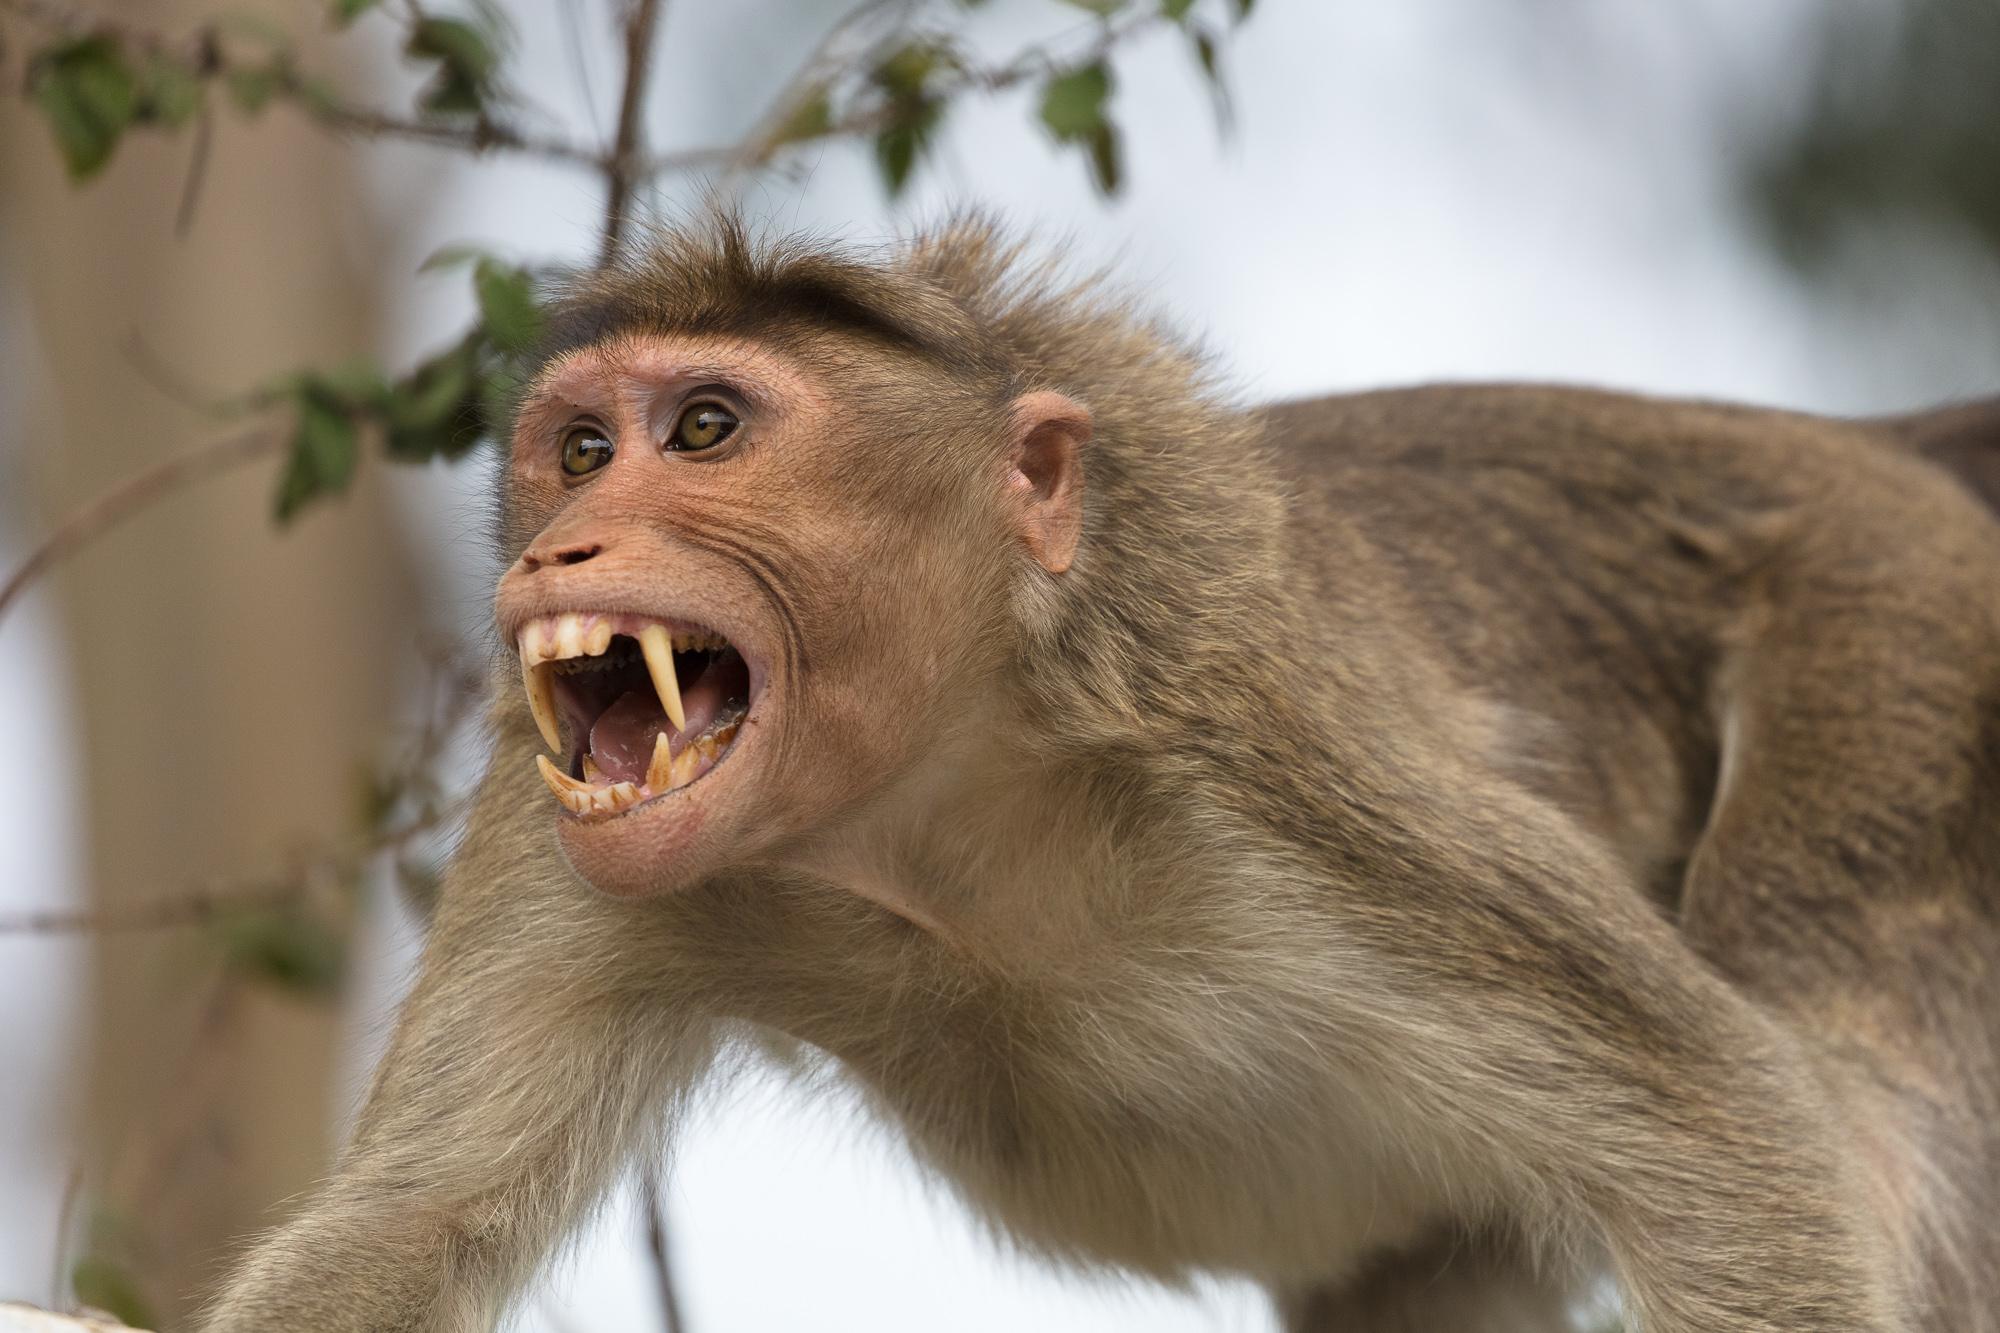 Ấn Độ: Khỉ hung dữ tấn công hơn 50 người, cả đội đặc nhiệm được cử đến đối phó - 1